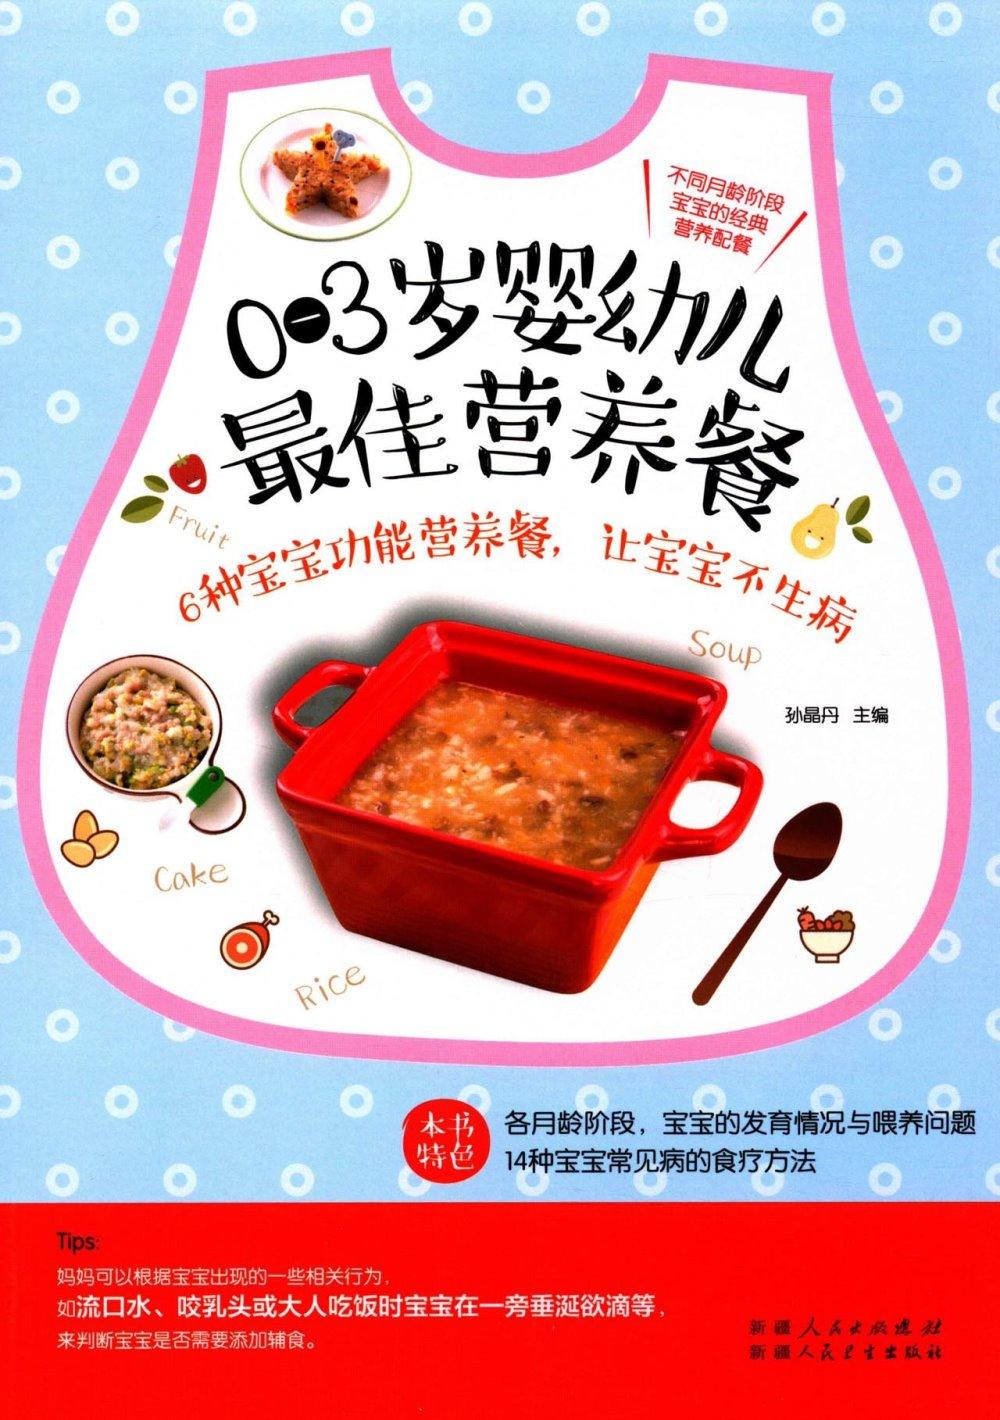 0-3歲嬰幼兒最佳營養餐